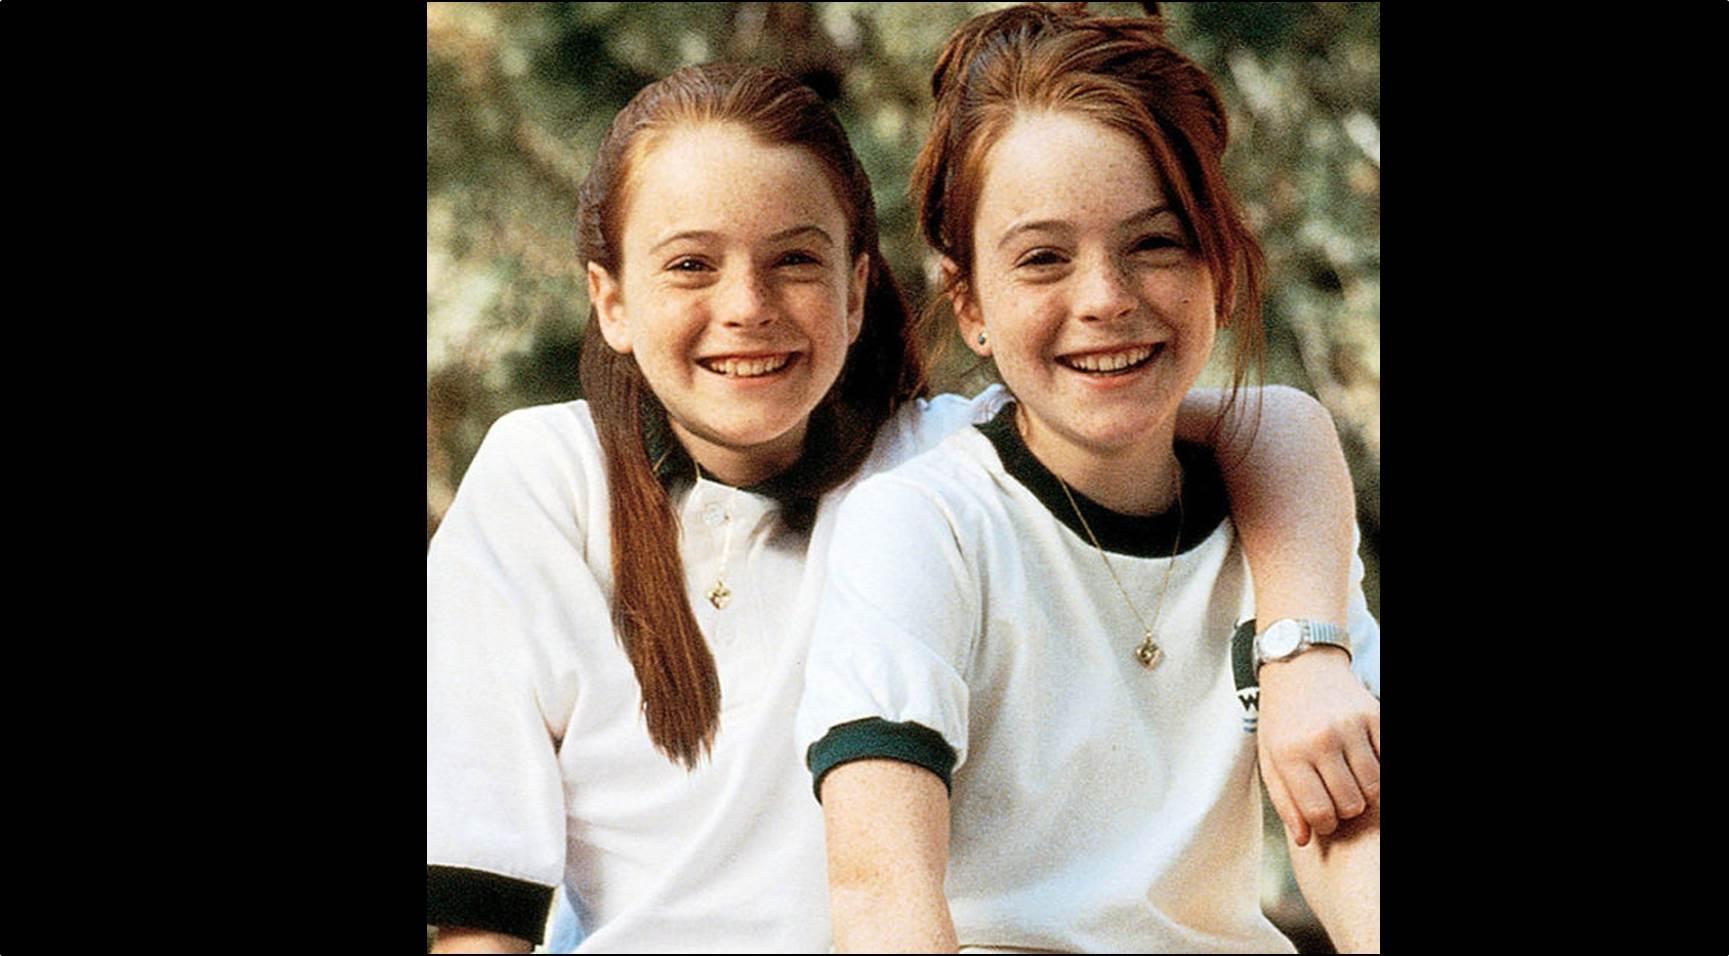 Juego de Gemelas: ¿Cómo luce la gemela falsa de Lindsay ...